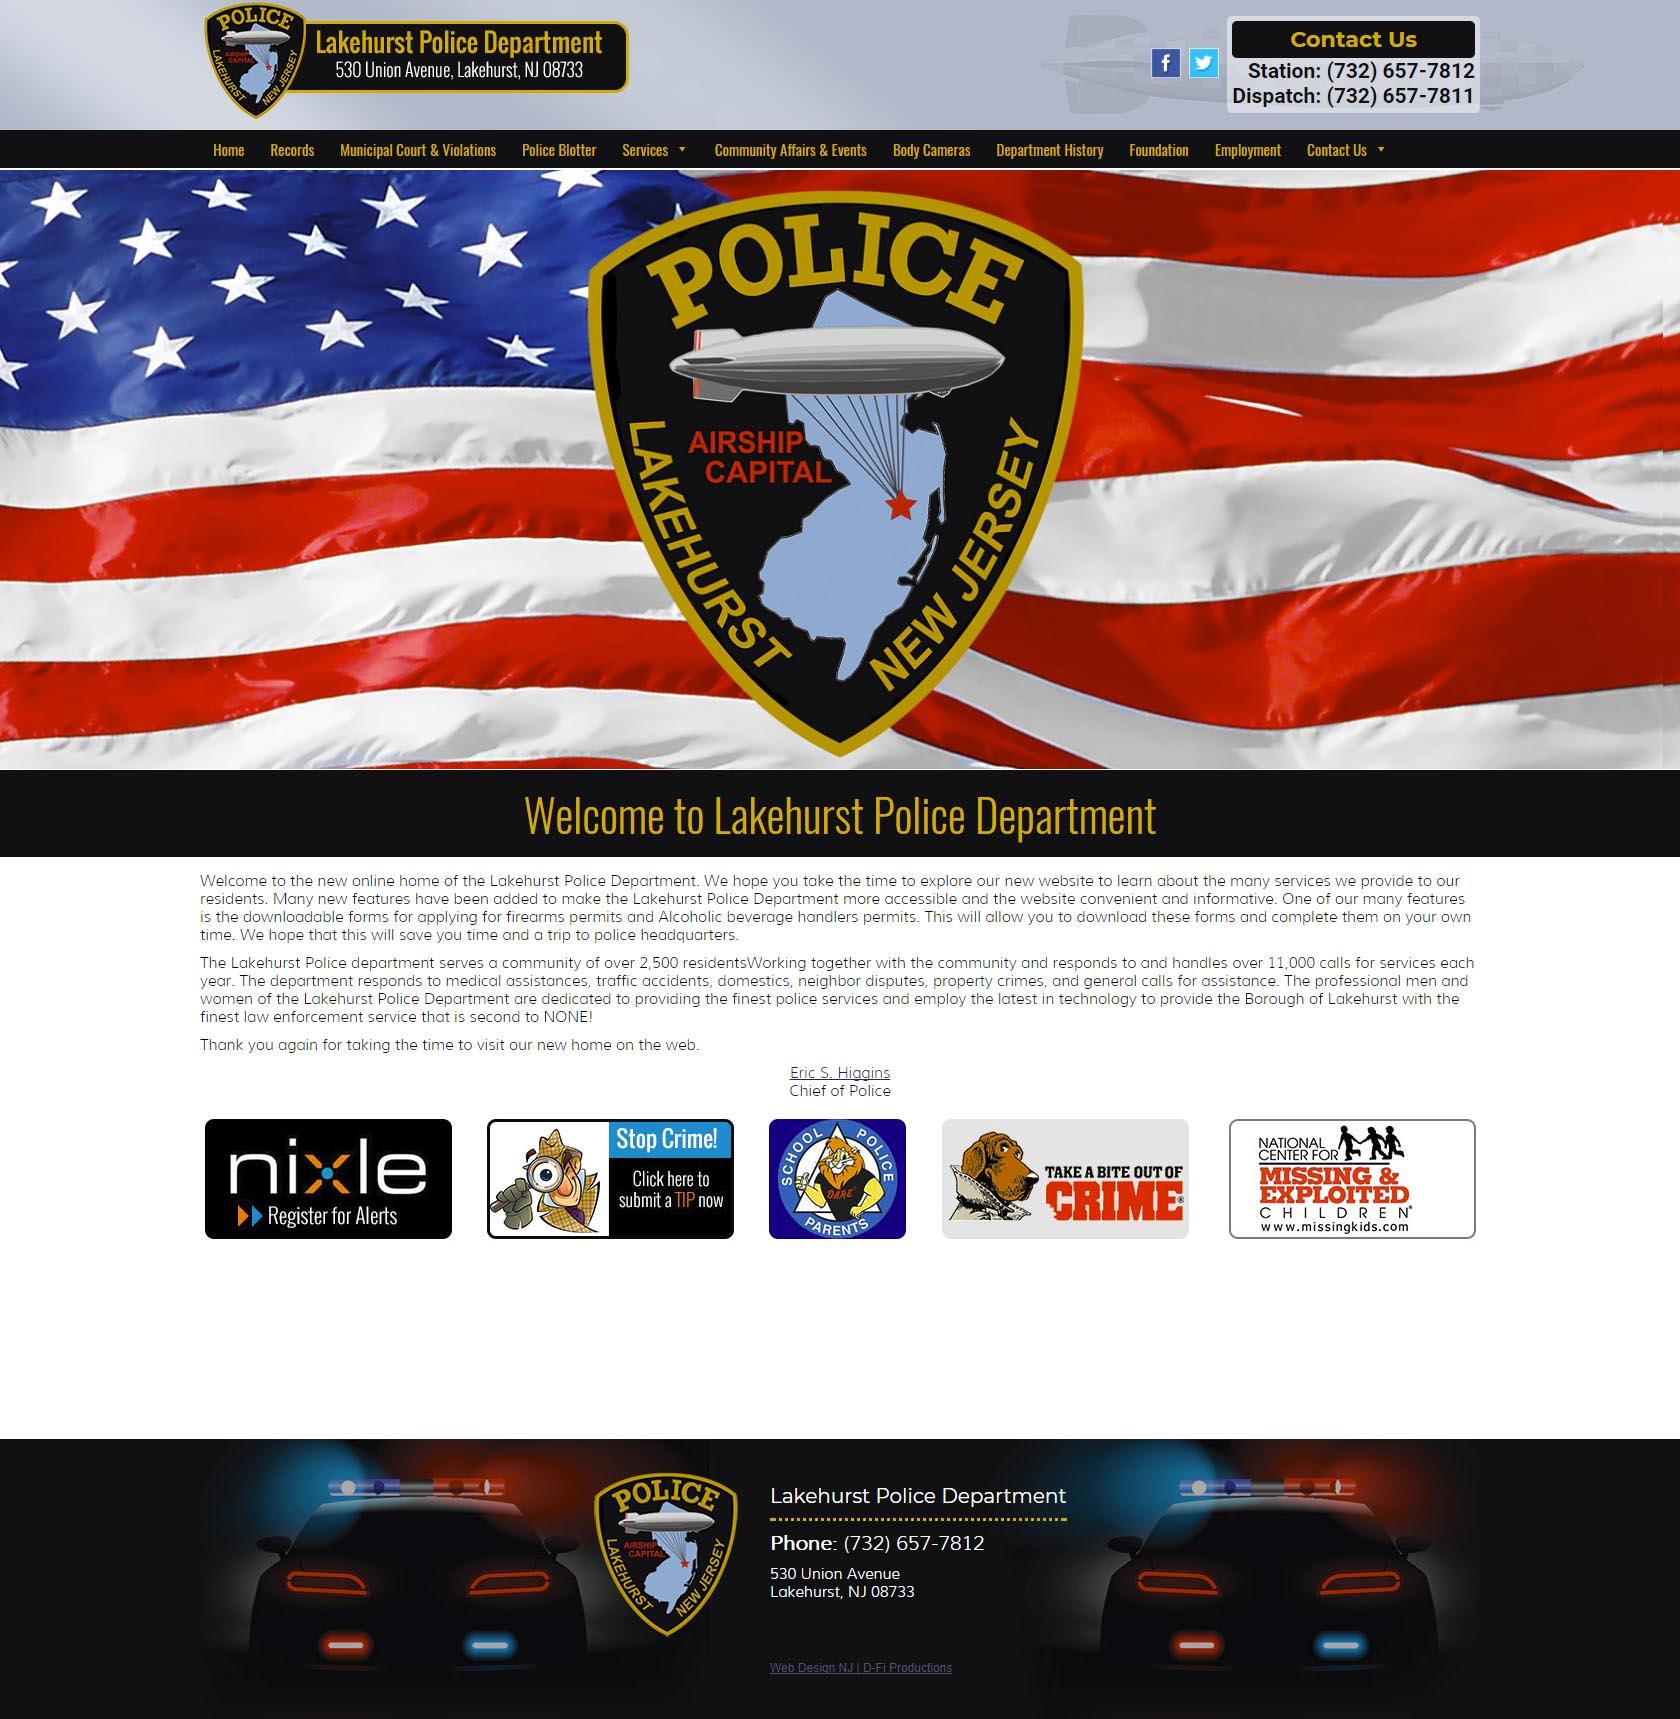 NJ Web Design Lakehurst Police Department